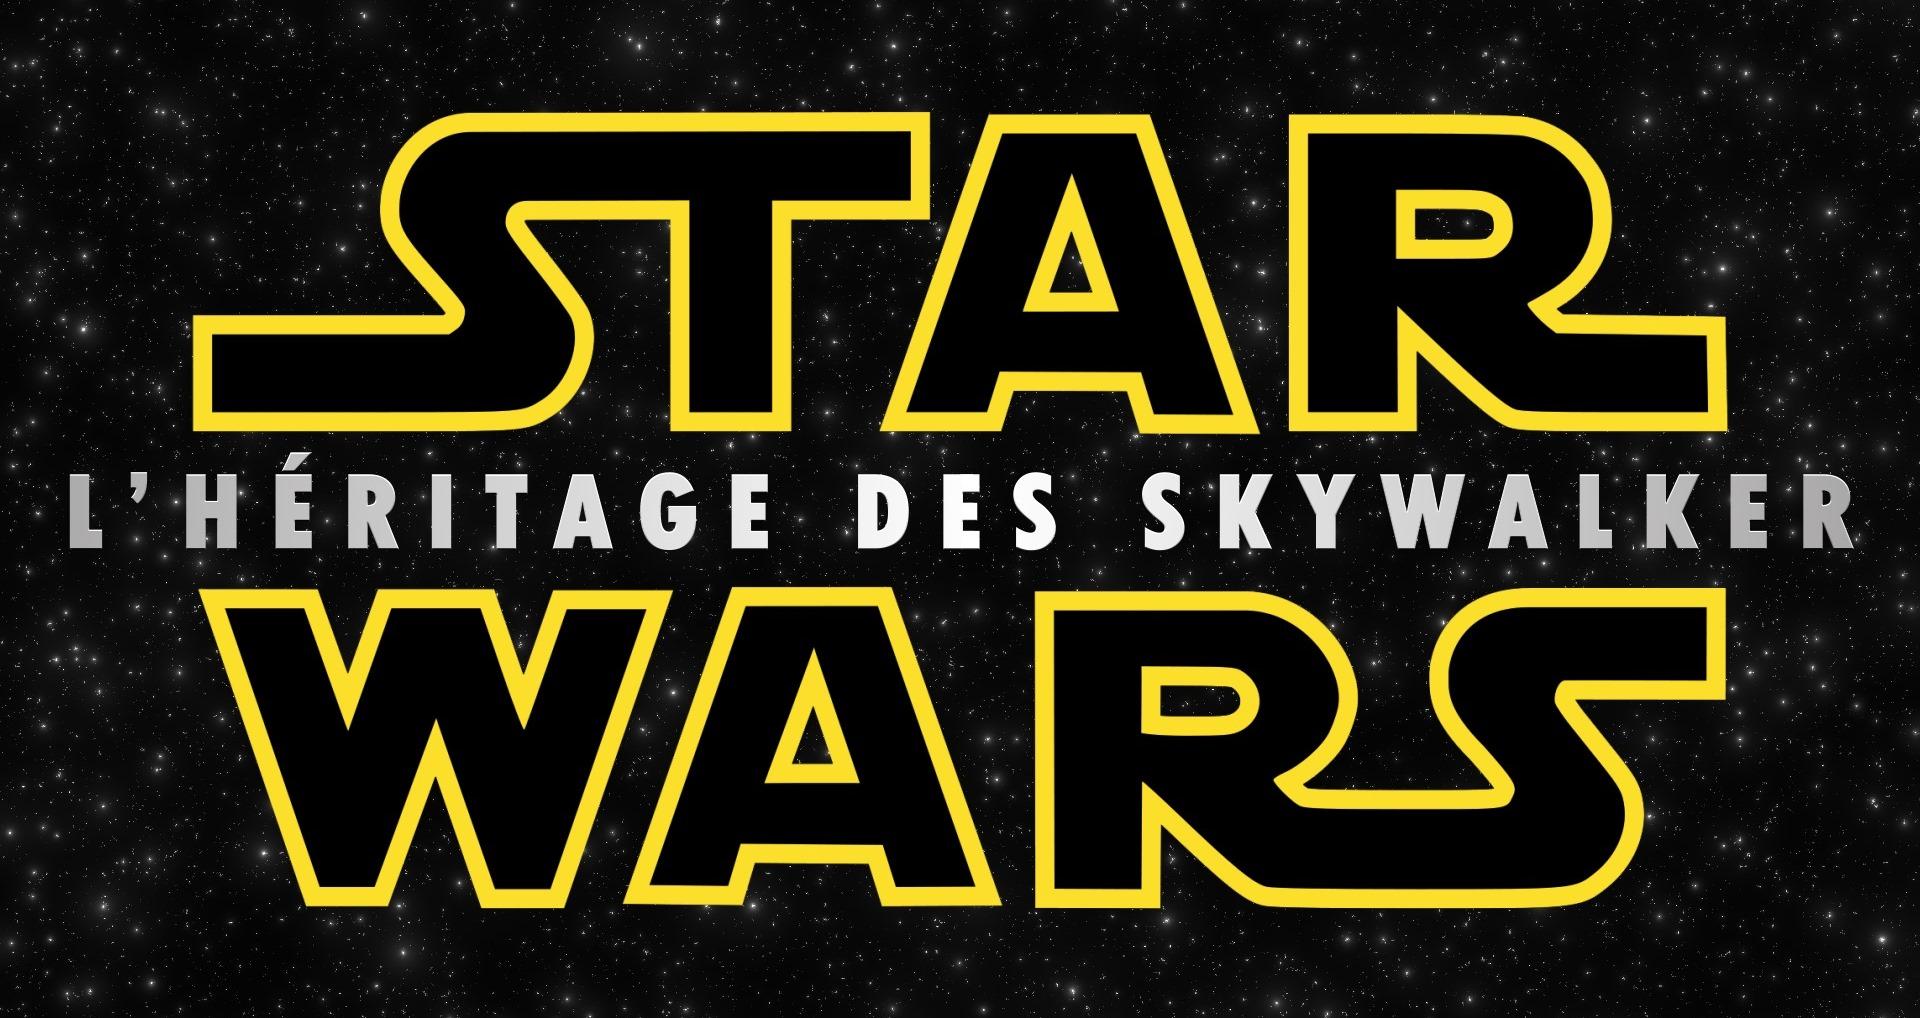 Star Wars : L'héritage des Skywalker